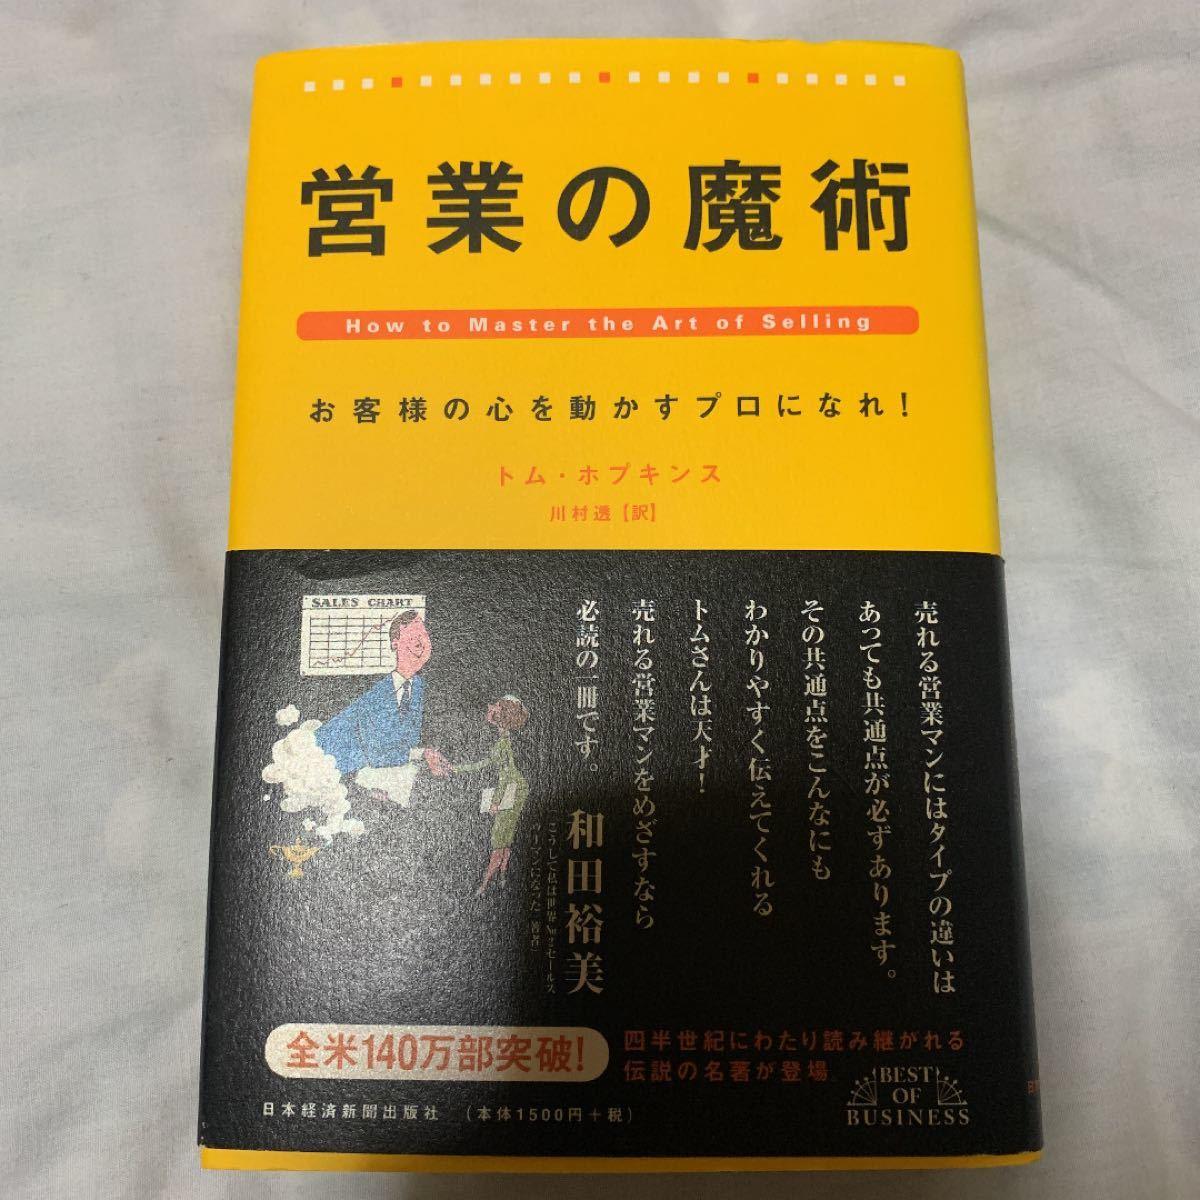 営業の魔術 お客様の心を動かすプロになれ! /トムホプキンス/川村透